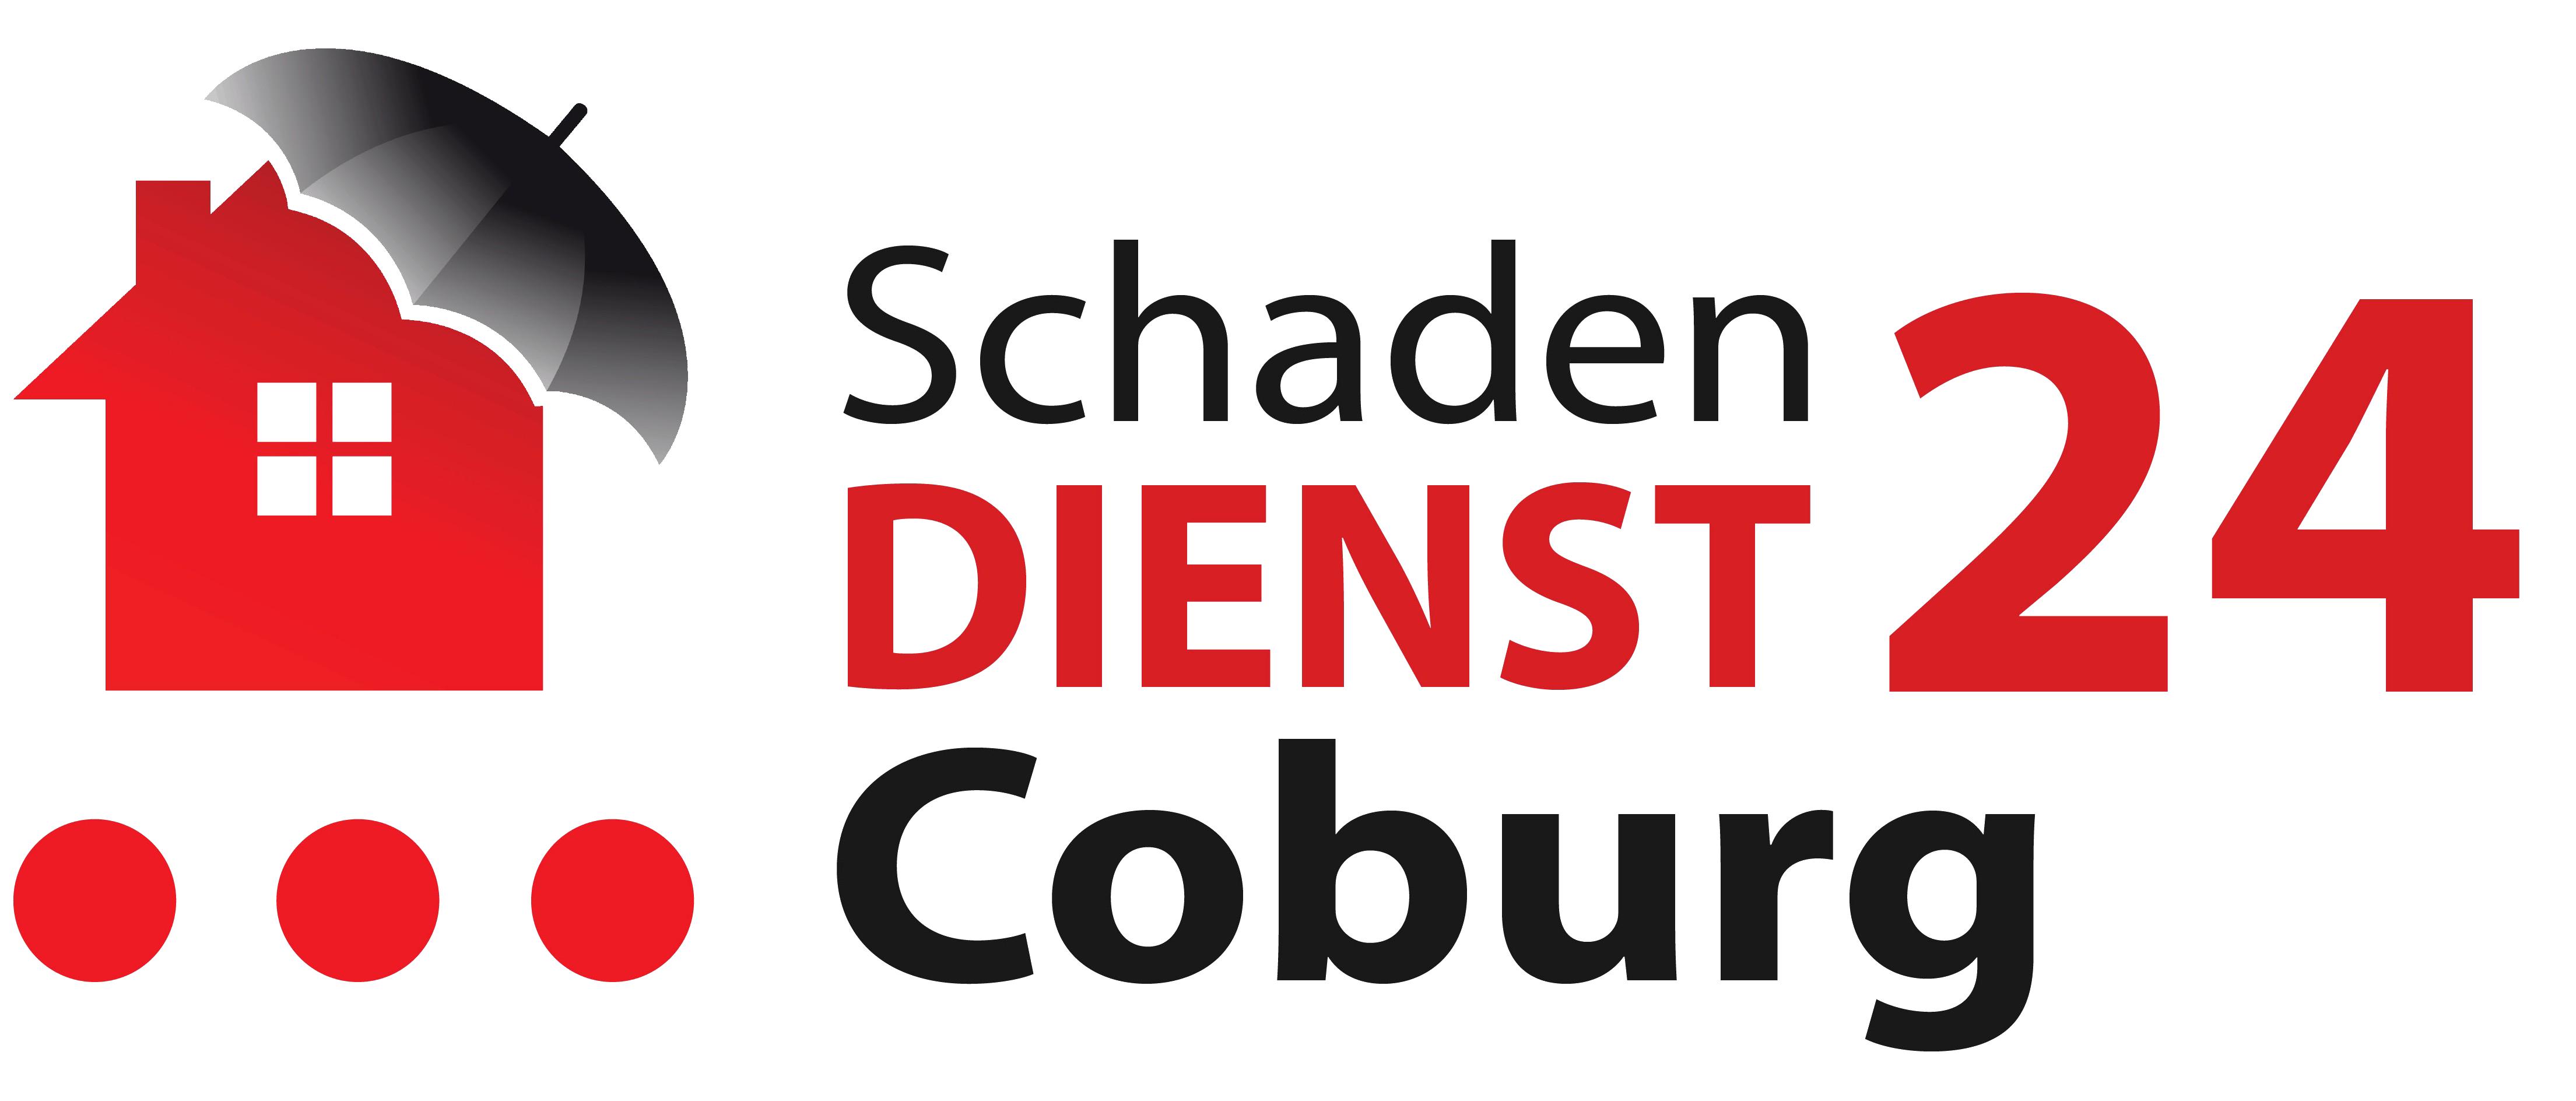 Schadendienst24-Coburg Logo